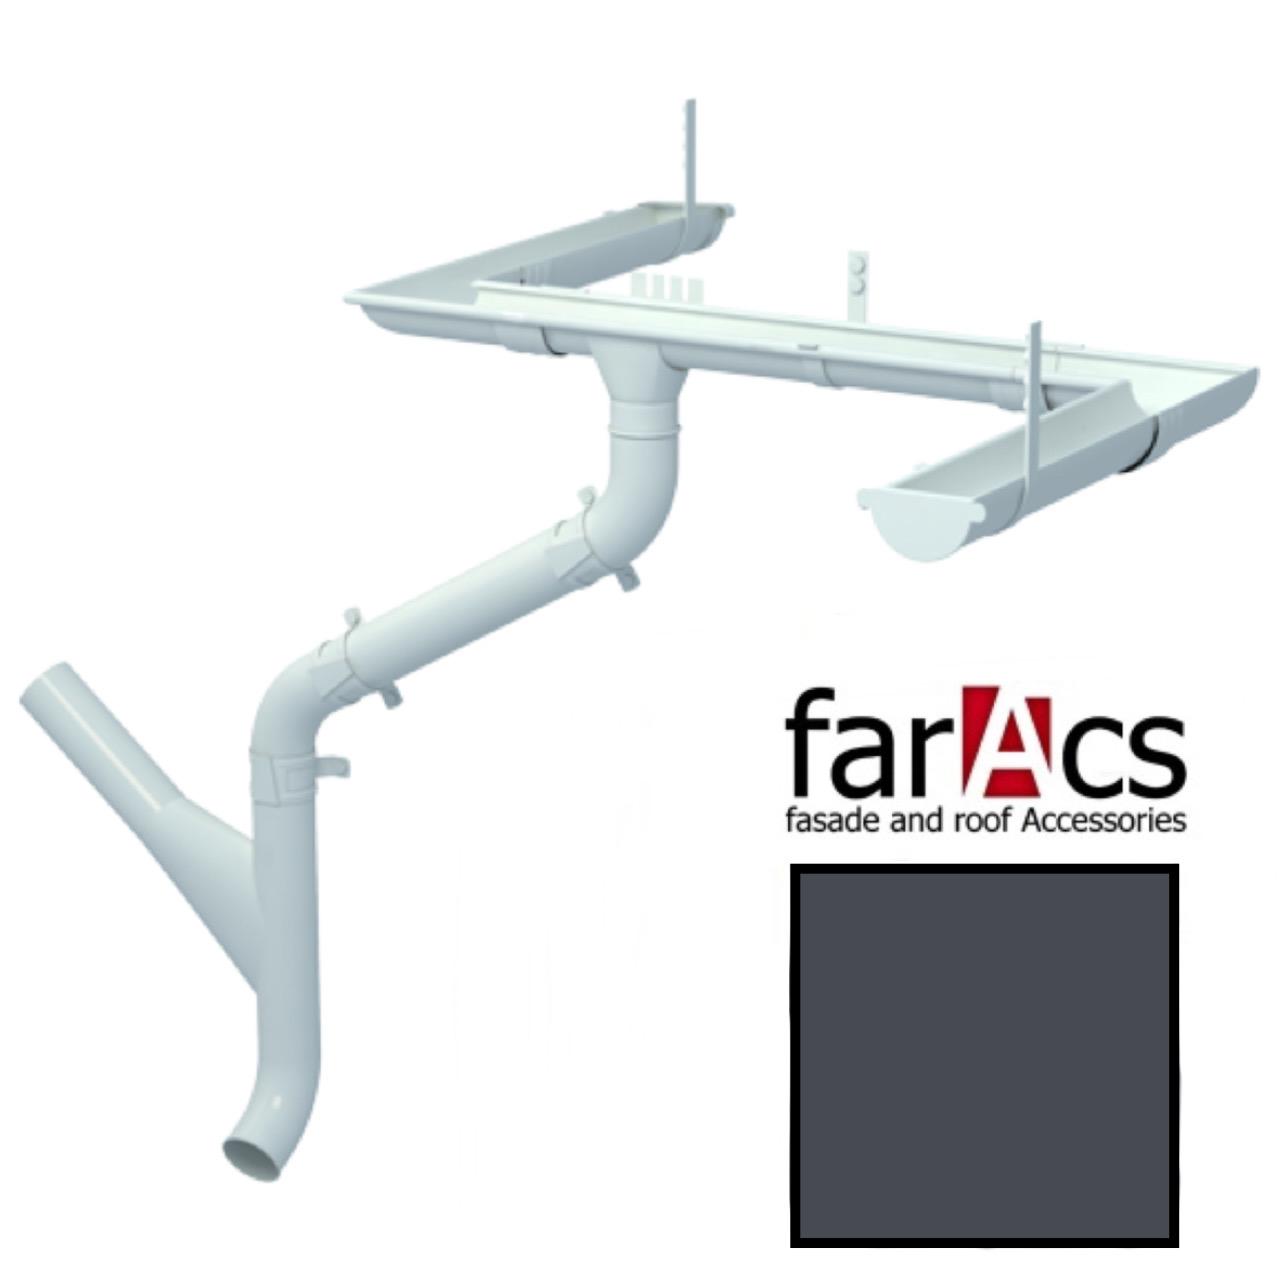 Металлический водосток Faracs 125/90 RAL 7024 (мокрый асфальт)